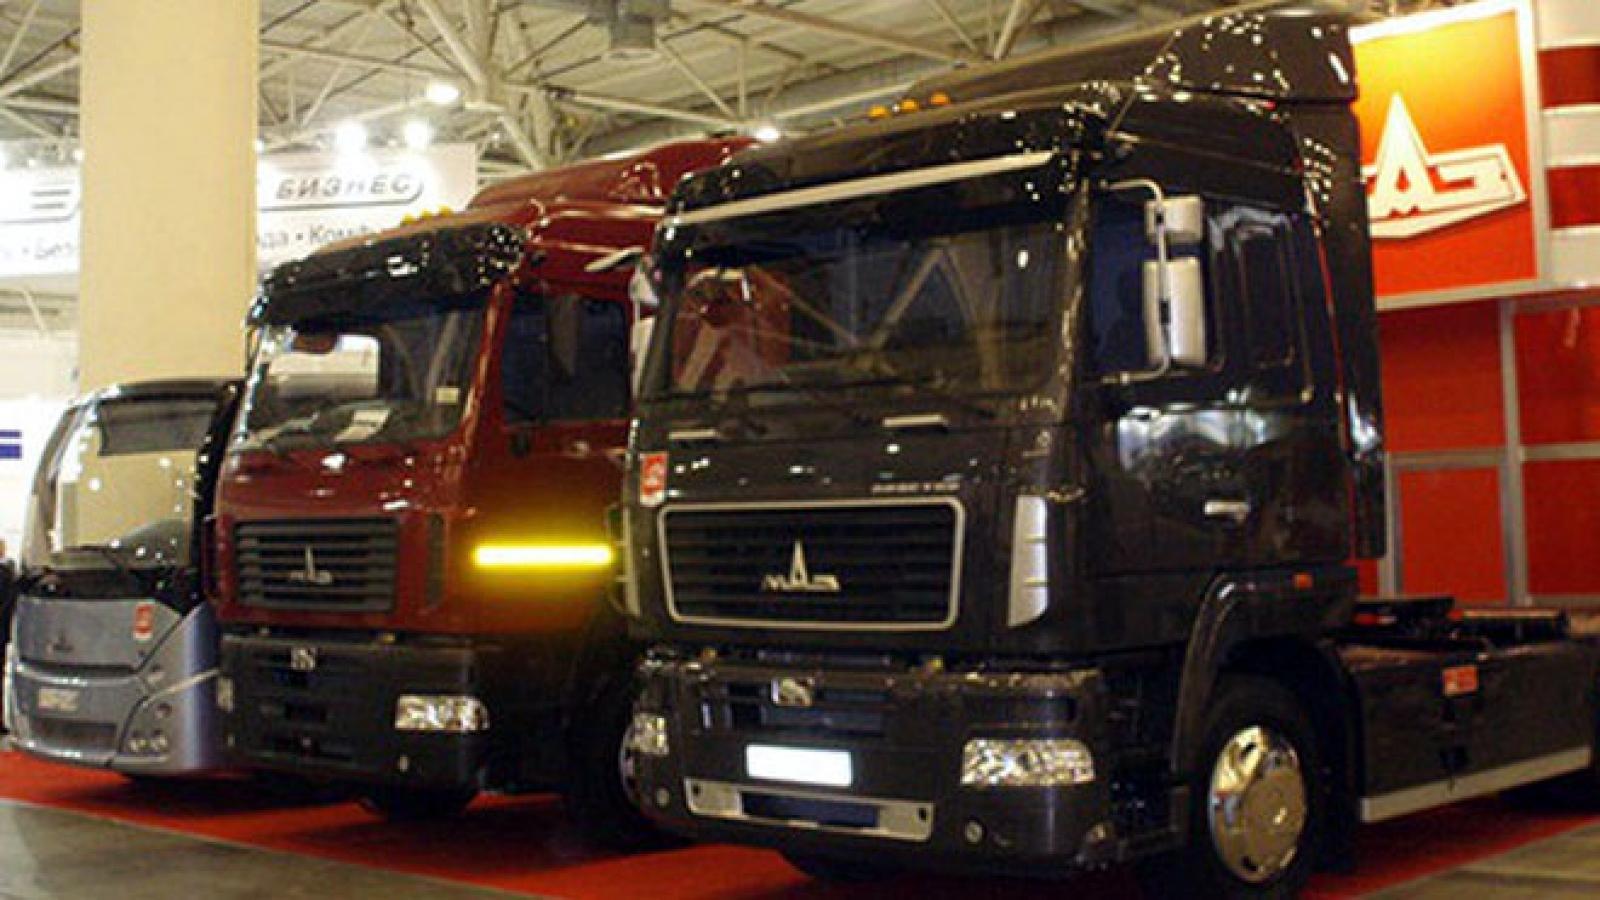 Nhiều dòng xe của Belarus tiếp tục được sản xuất tại Việt Nam